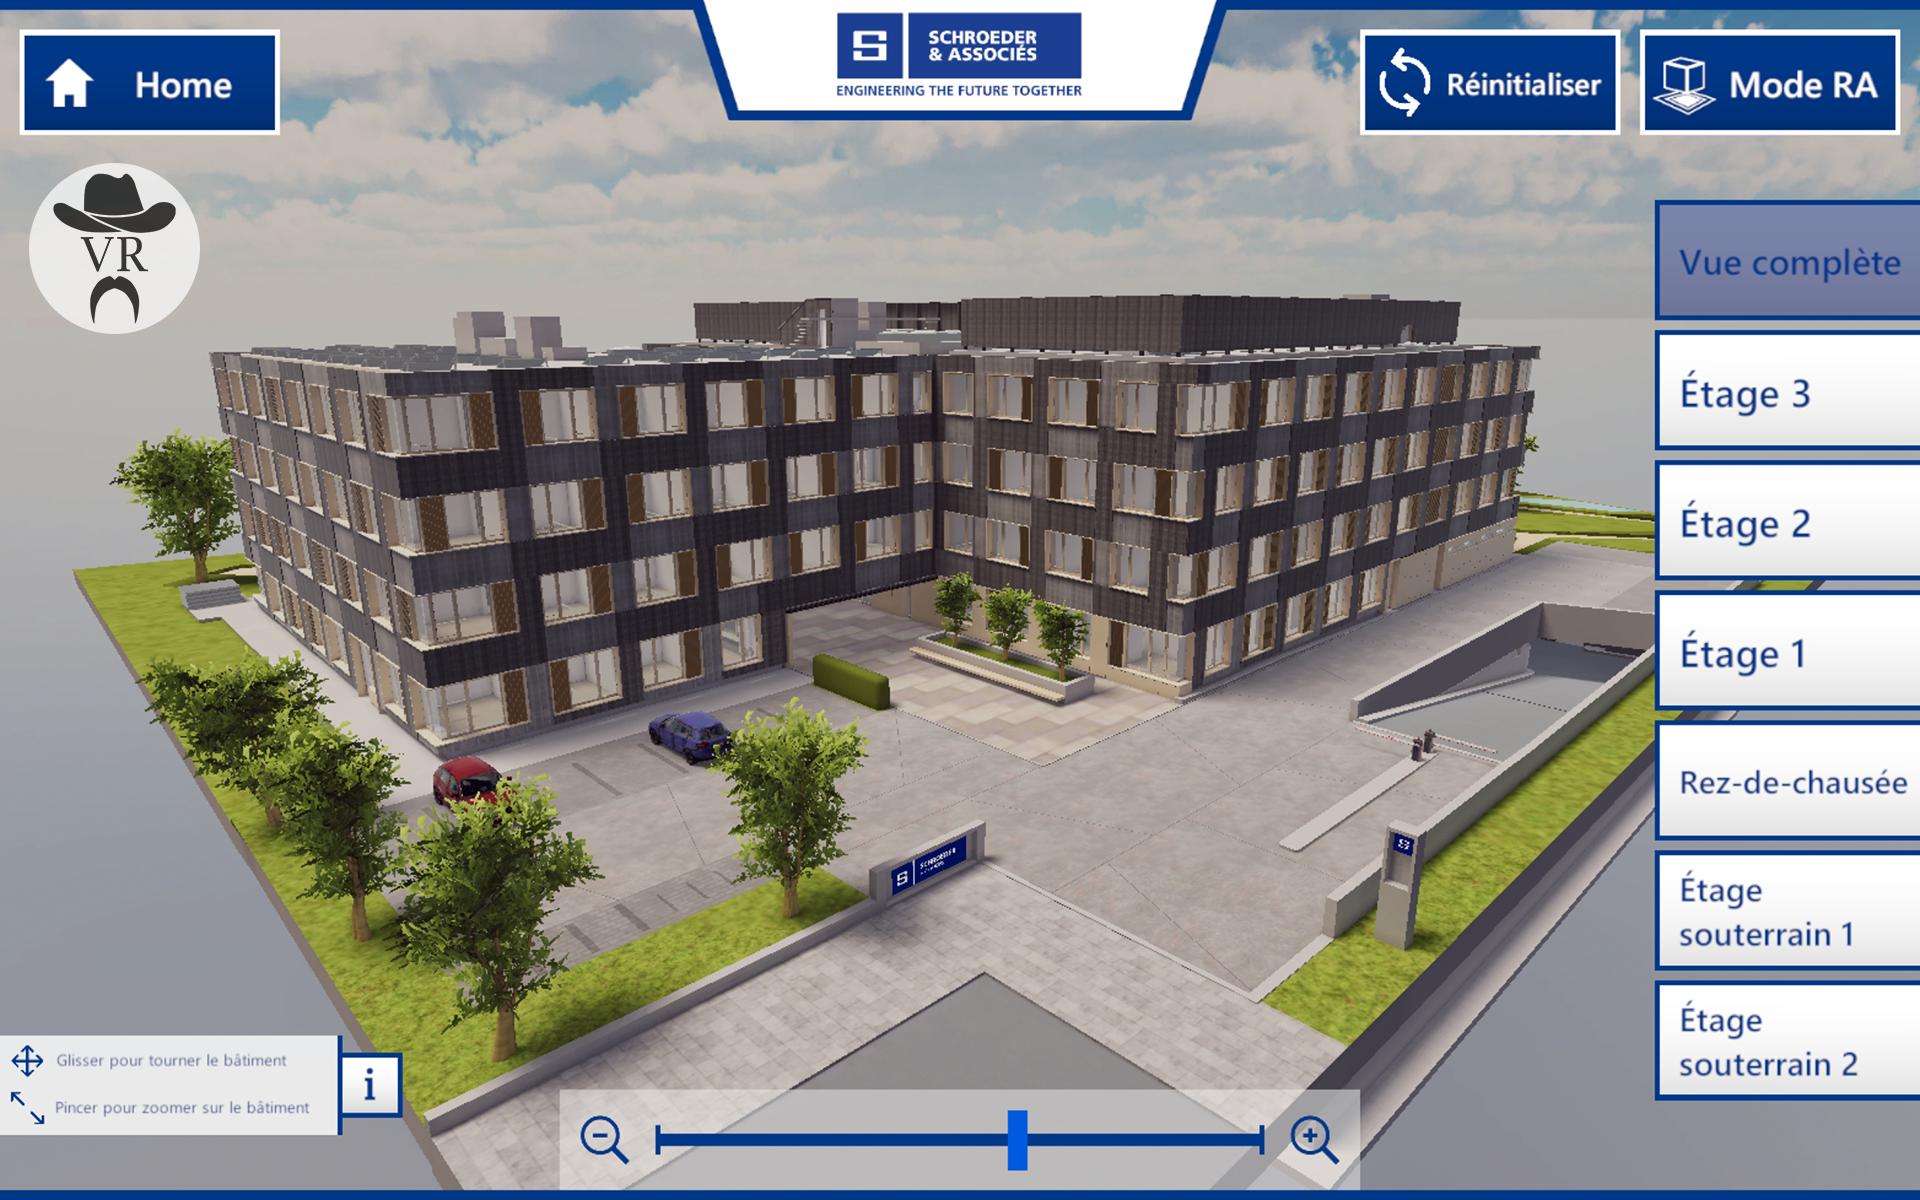 Schroeder & Associés AR Virtual Rangers in App